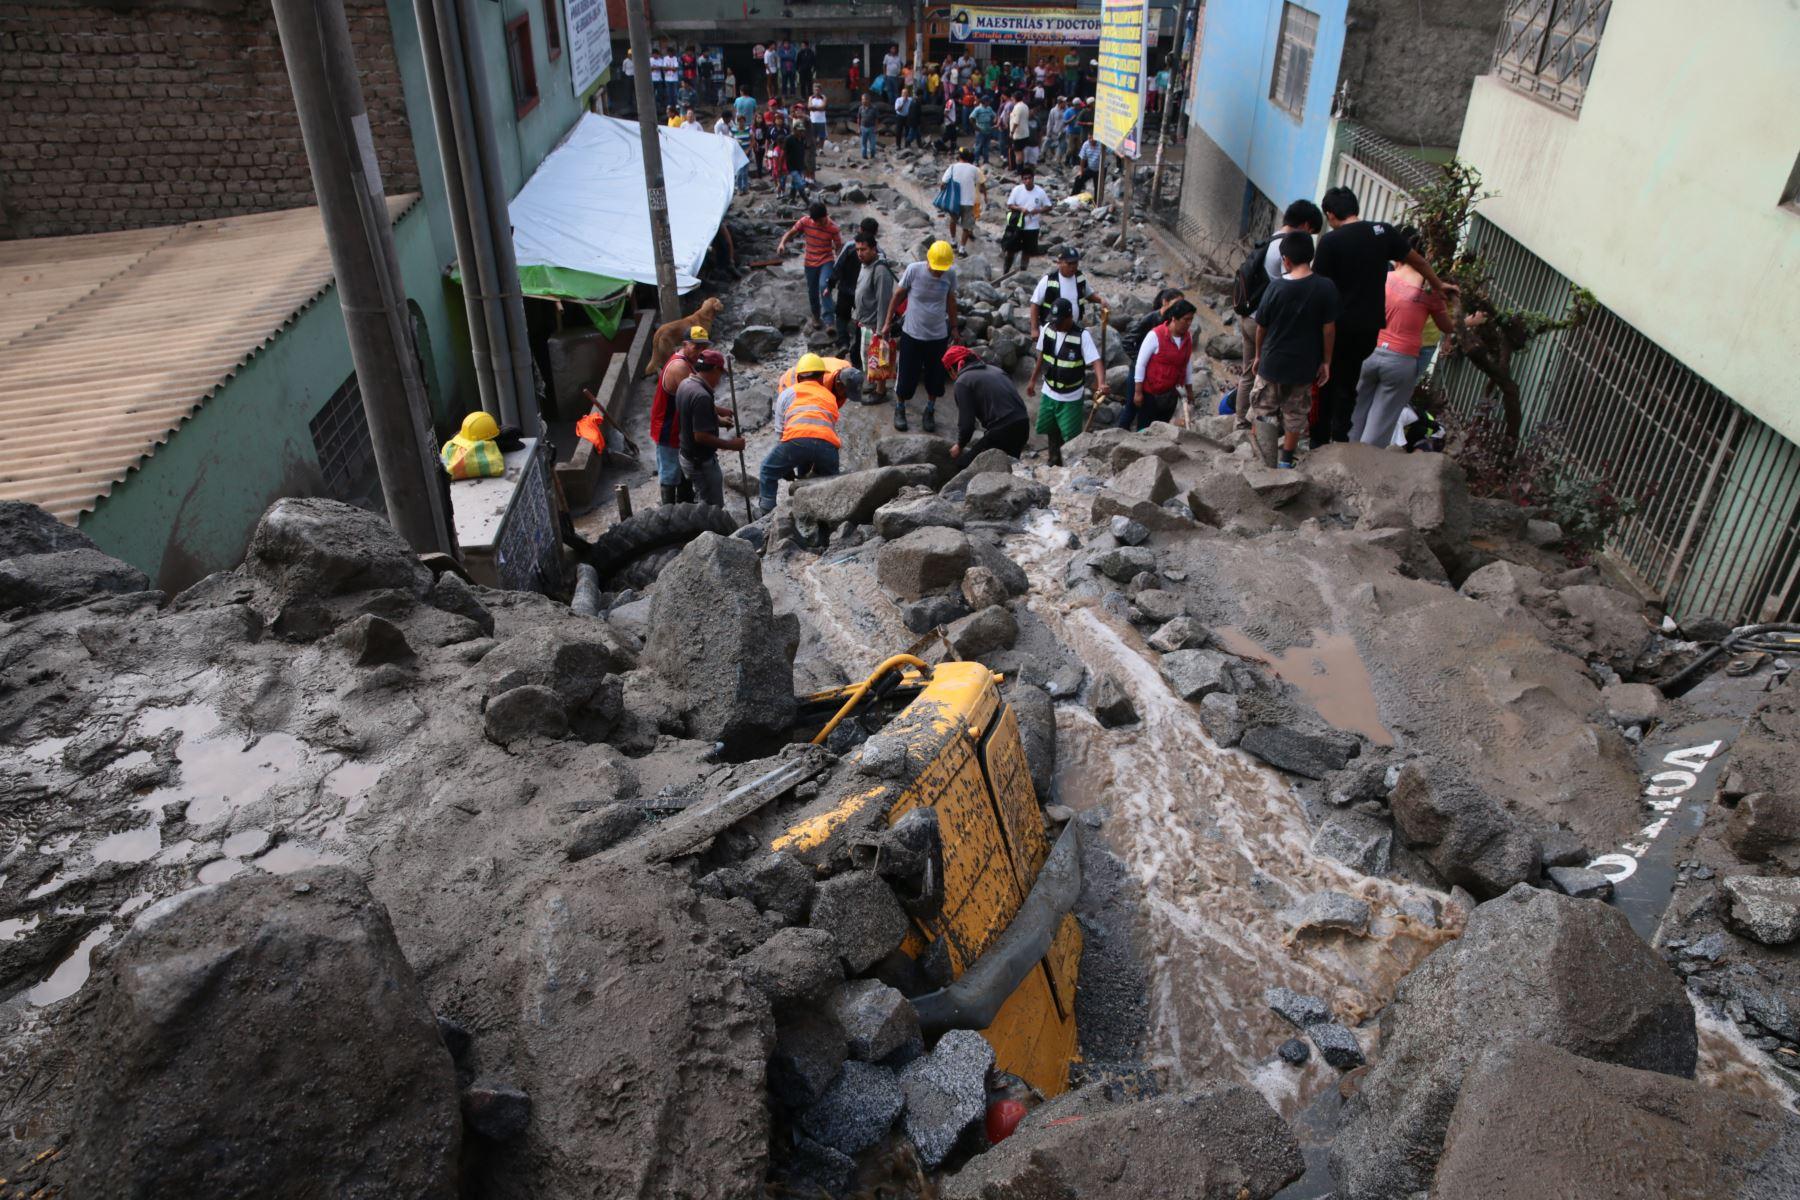 El Perú en medio de desastres naturales: ¿Qué podemos hacer desde el Derecho?